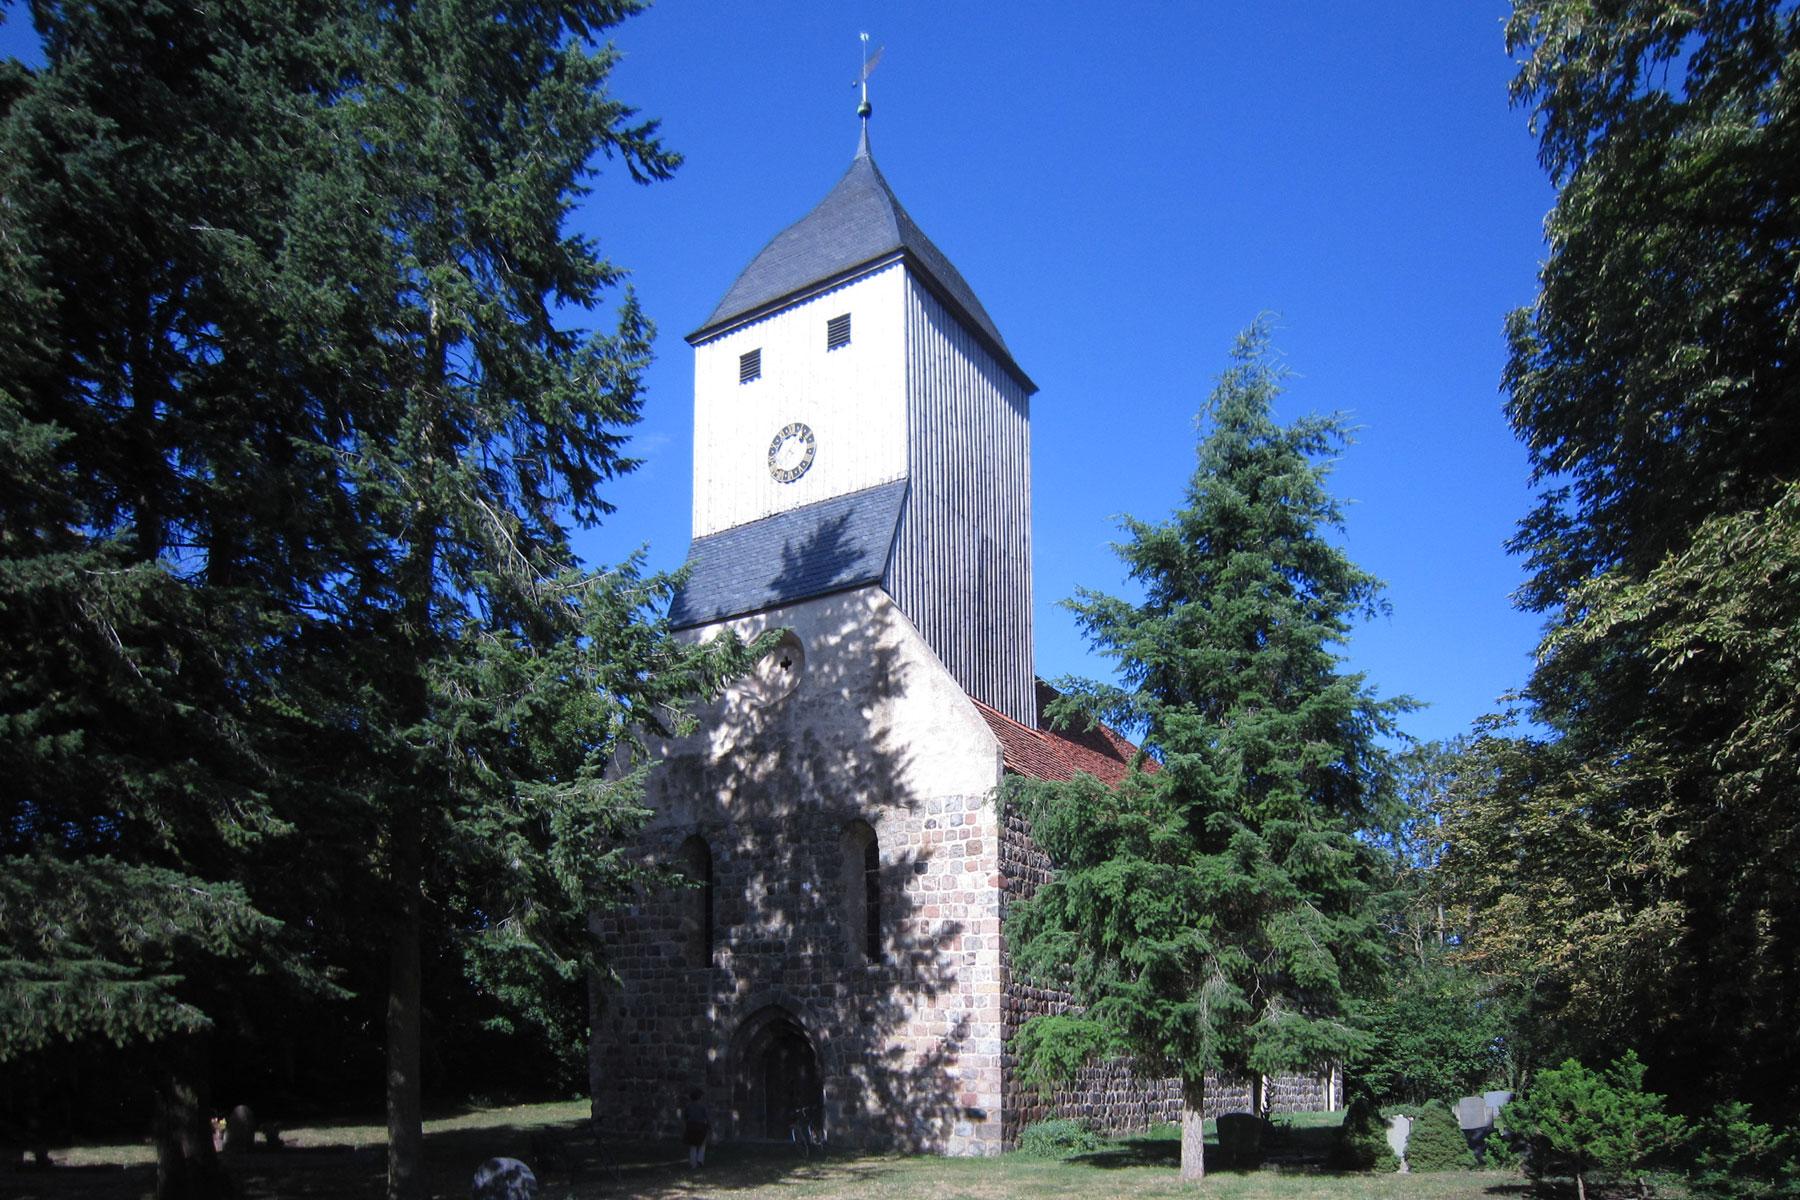 Sternhagen Kirche Feldstein